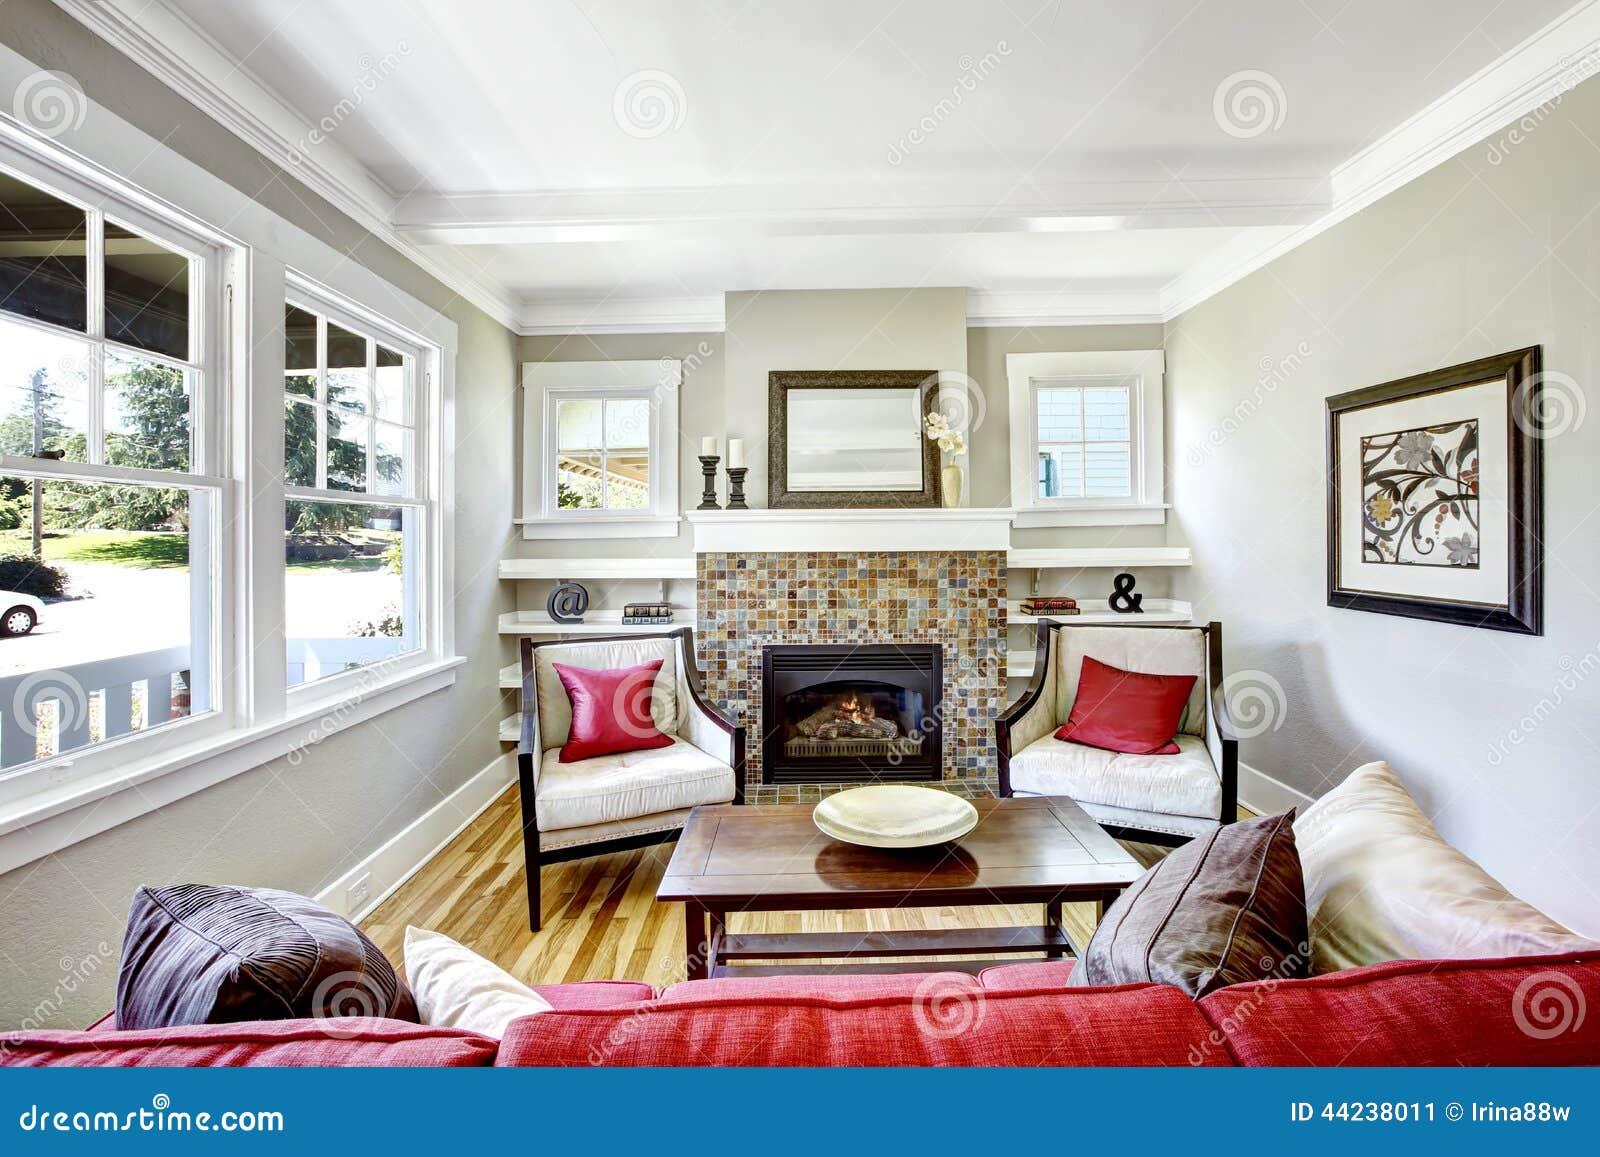 kleine wohnzimmer | jtleigh.com - hausgestaltung ideen - Kleine Gemutliche Wohnzimmer